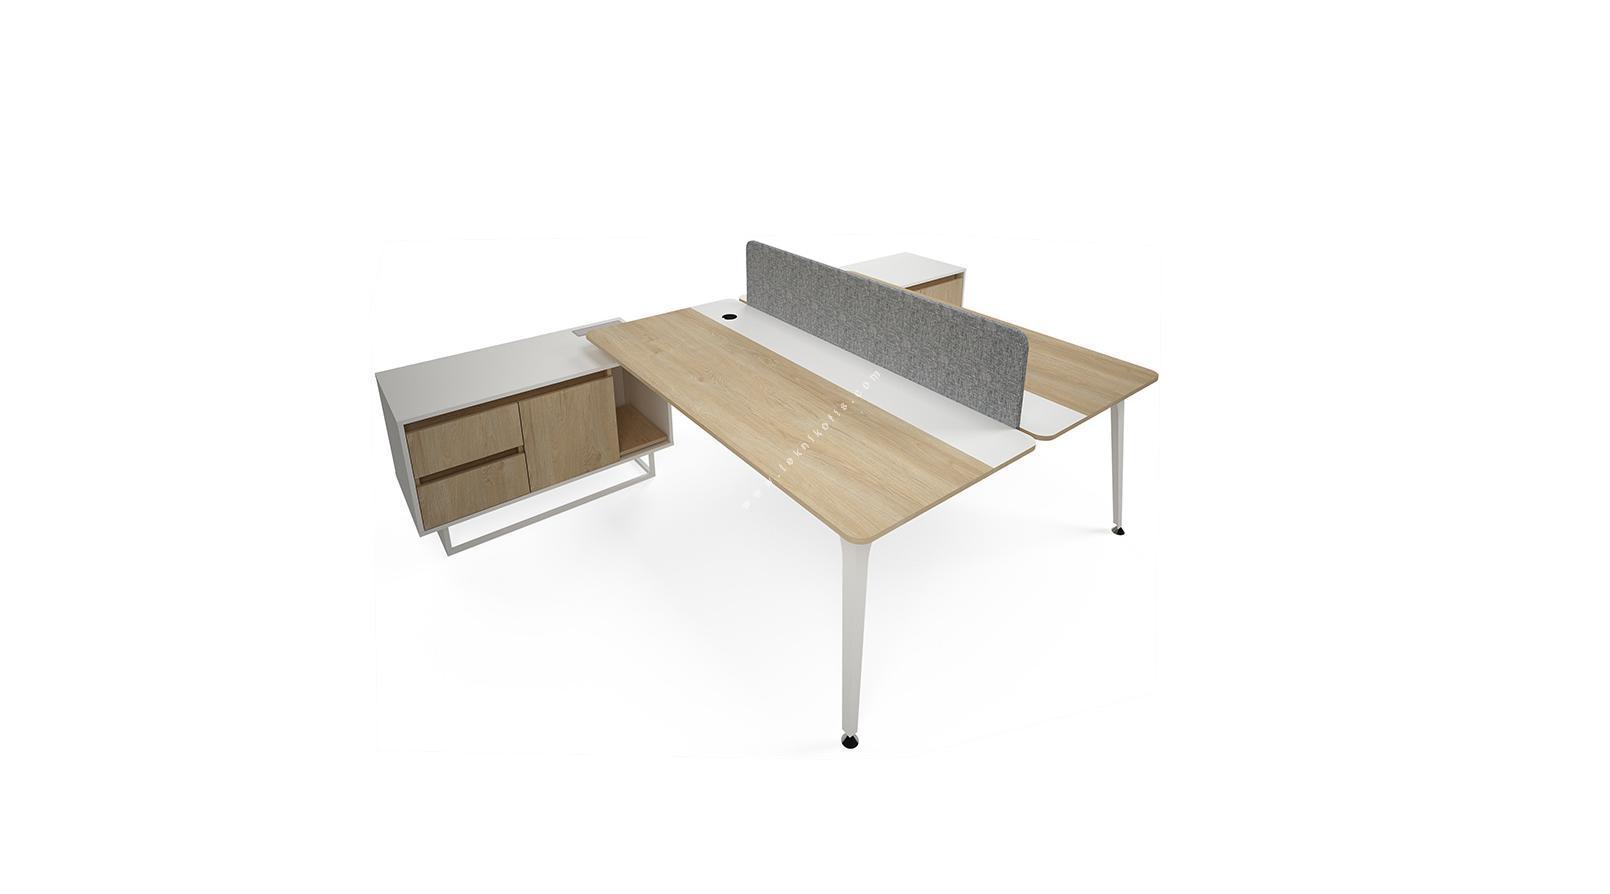 centrawork kumaş seperatör ikili etajerli  personel masası 200cm